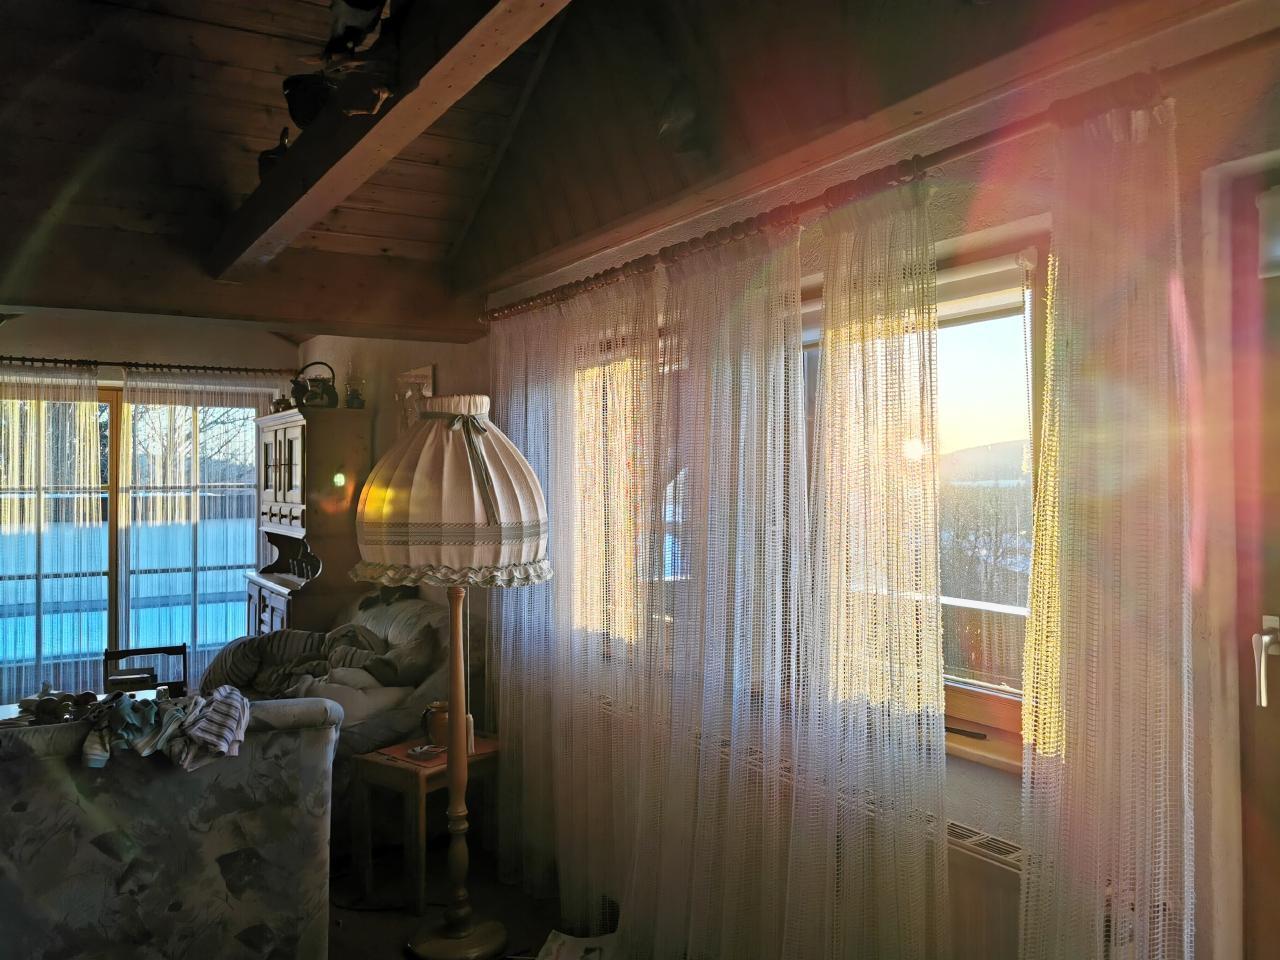 Ferienwohnung Haus Haidweg Wohnung 5 - 3 Zimmer, ca. 90 m² für 2-6 Personen im Dachgeschoss mit Balkon u (238755), Haidmühle, Bayerischer Wald, Bayern, Deutschland, Bild 10